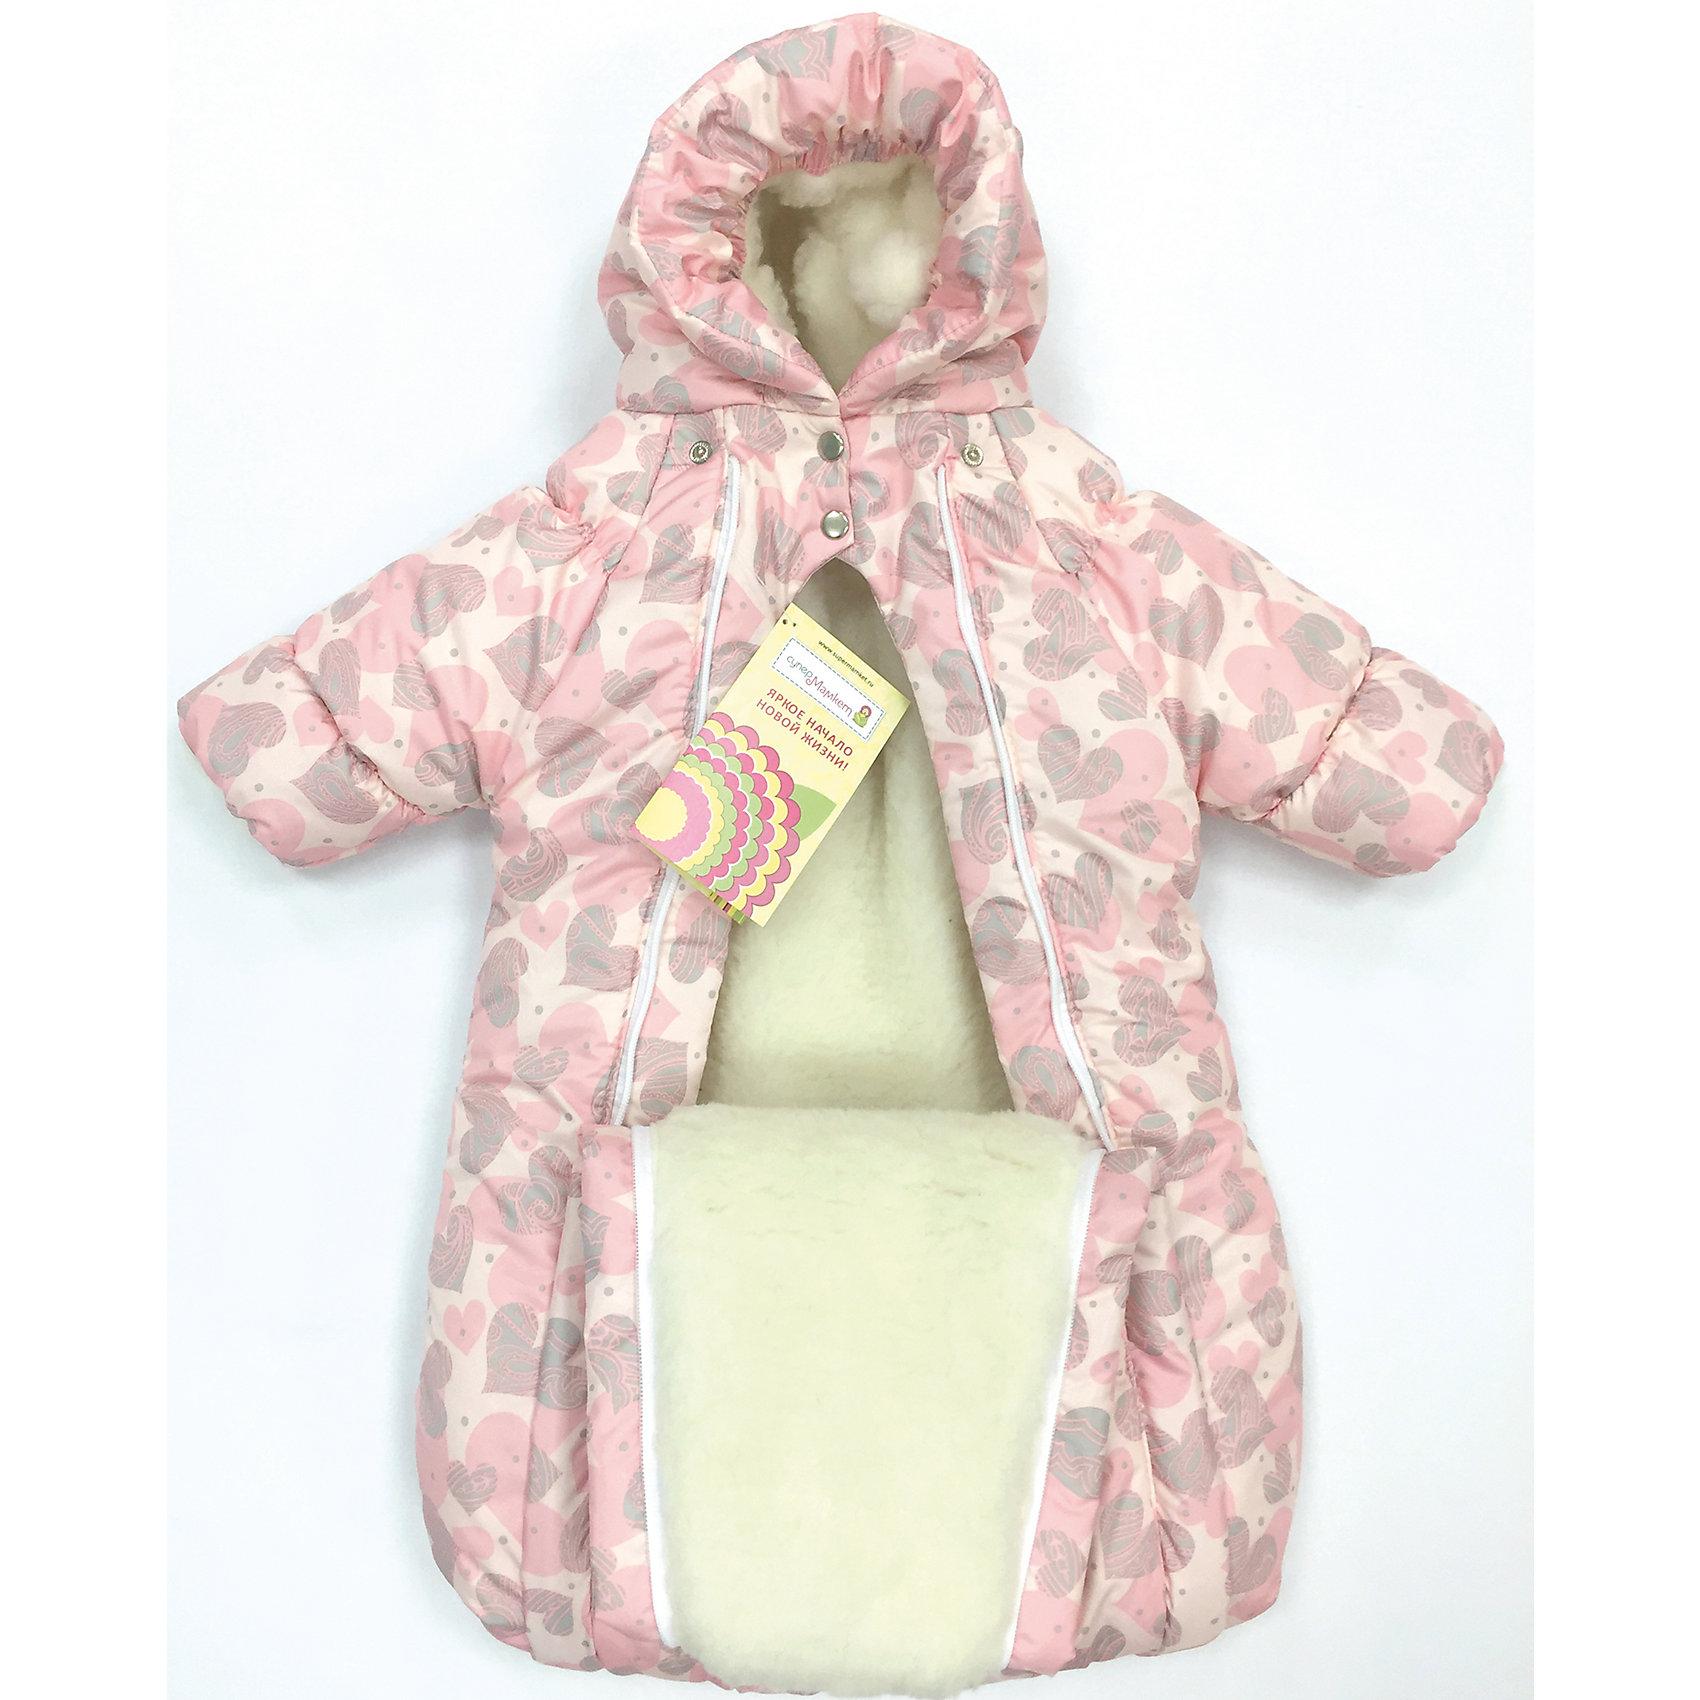 Конверт-комбинезон с ручками Сердца, овчина, СуперМаМкет, нежно-розовый